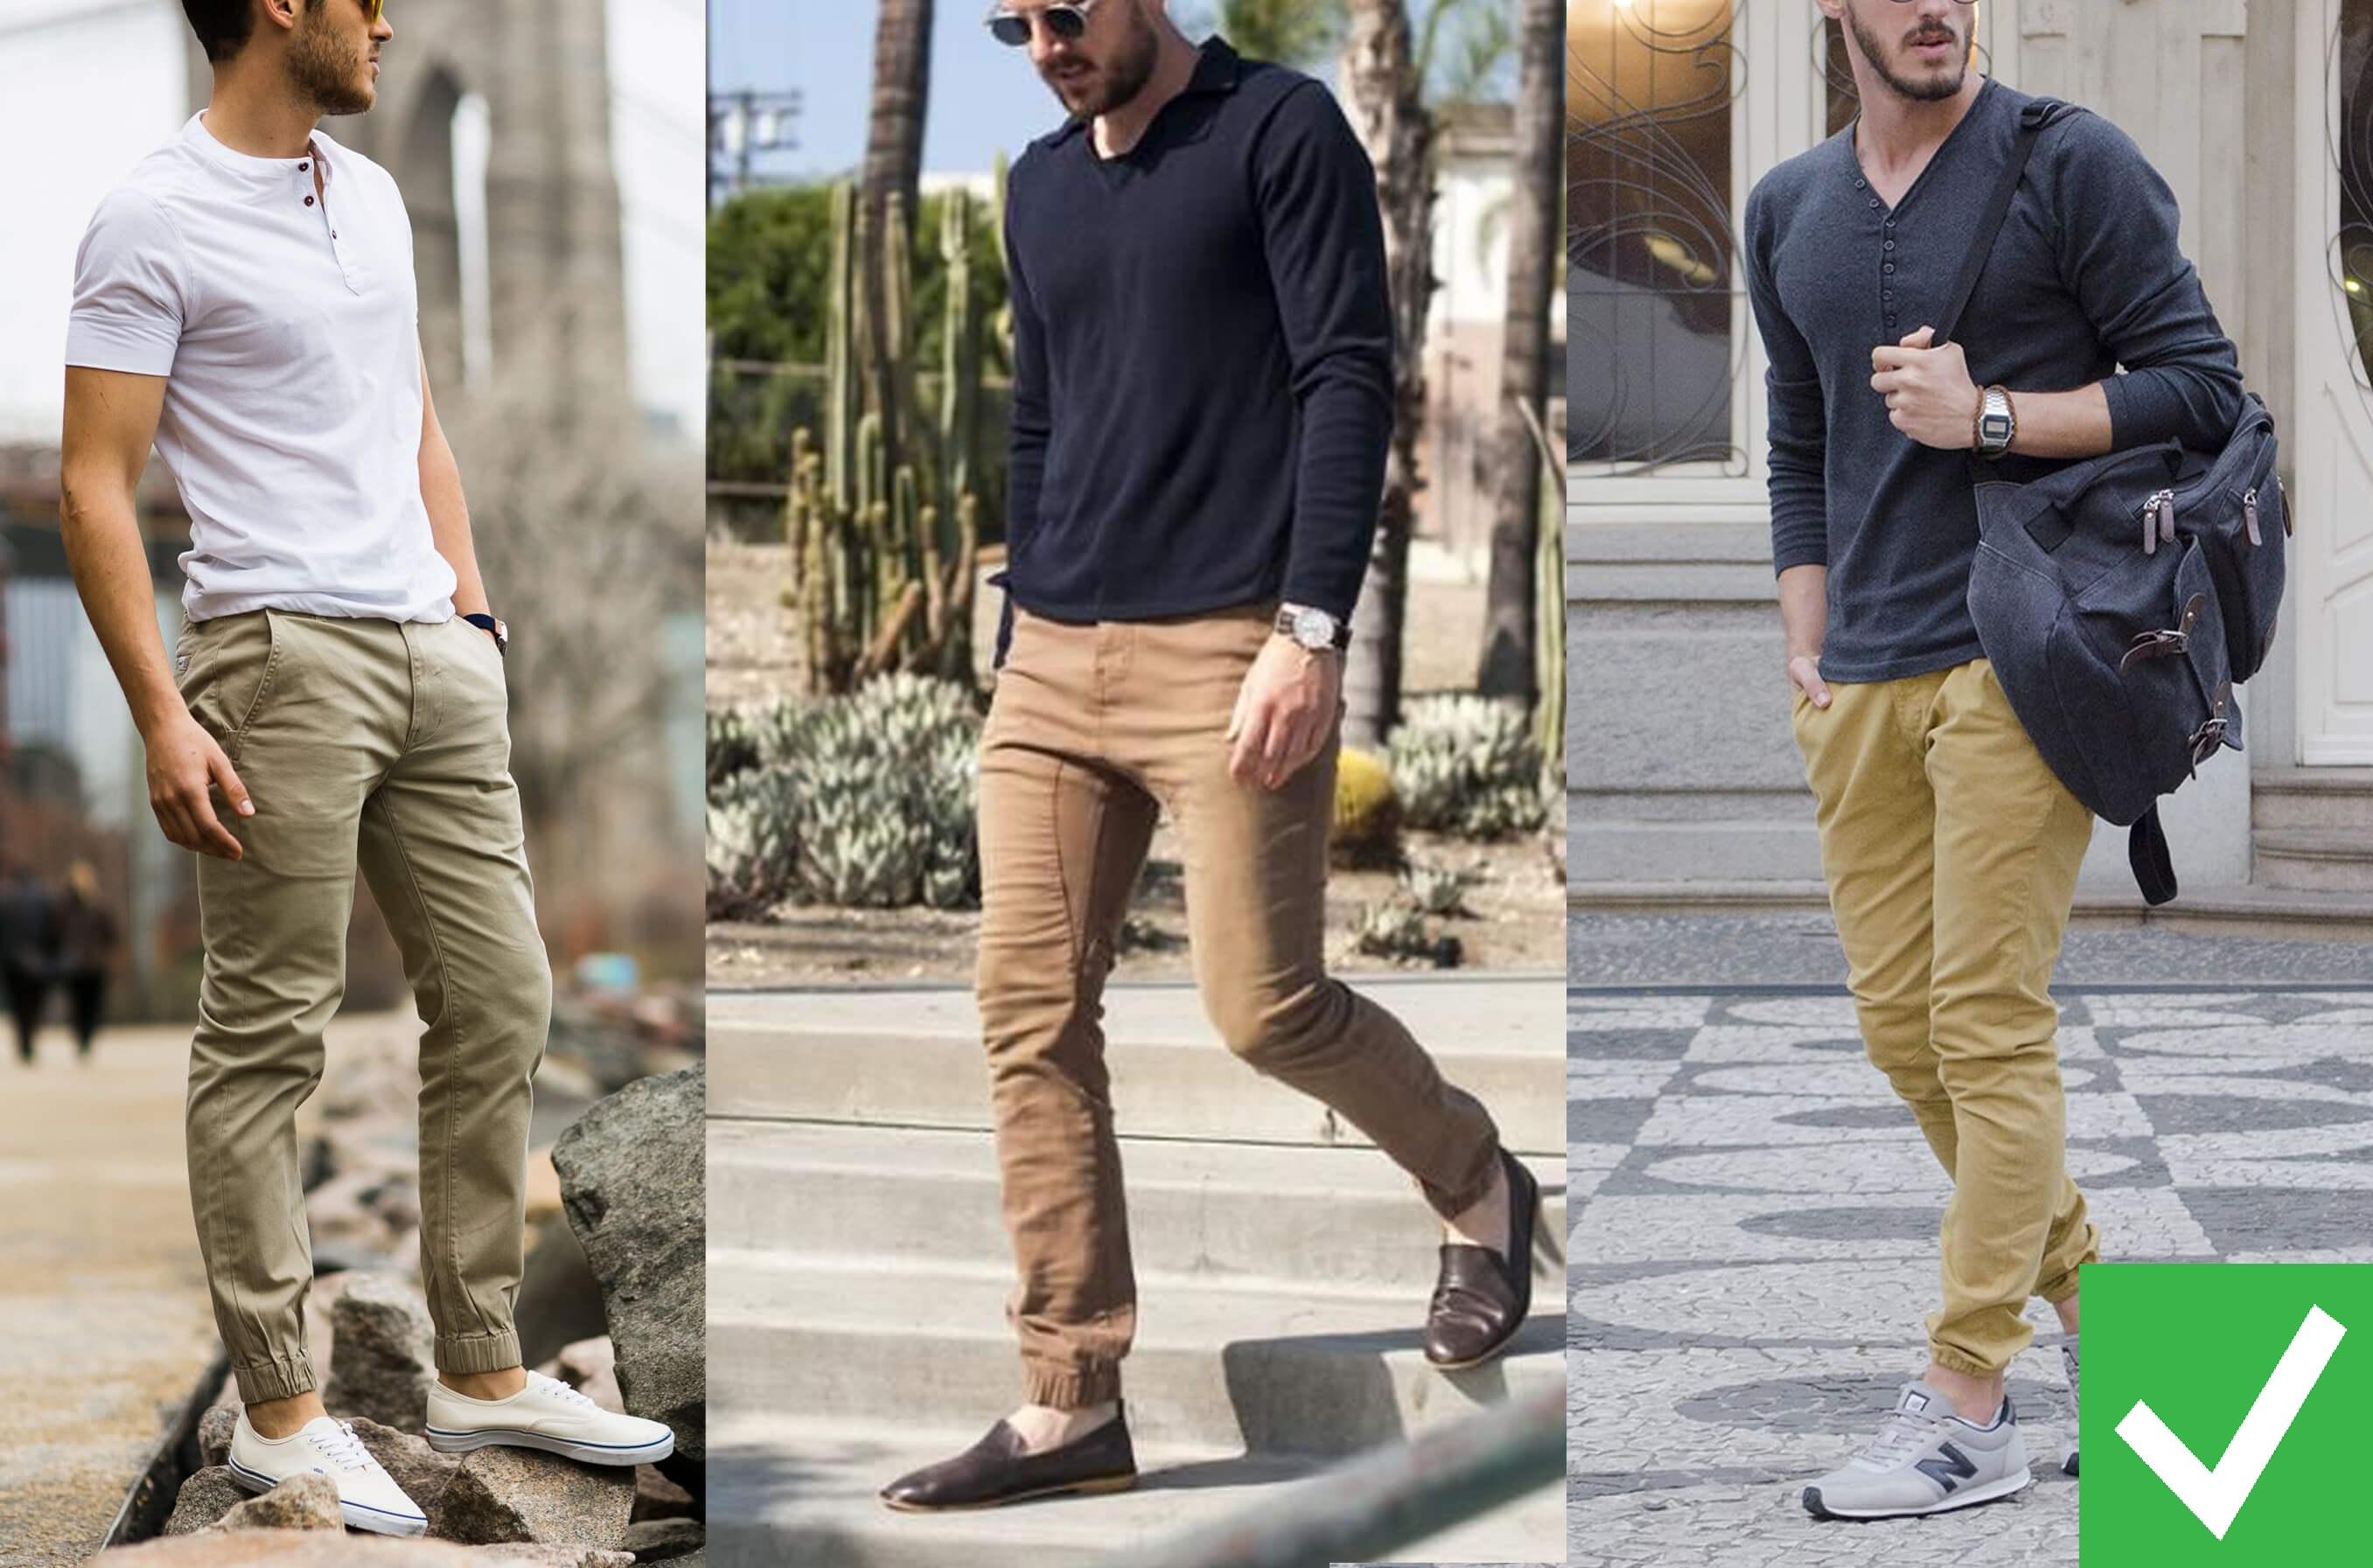 nam giới có thể chọn jeans đen hoặc thay thế bằng quần jogger